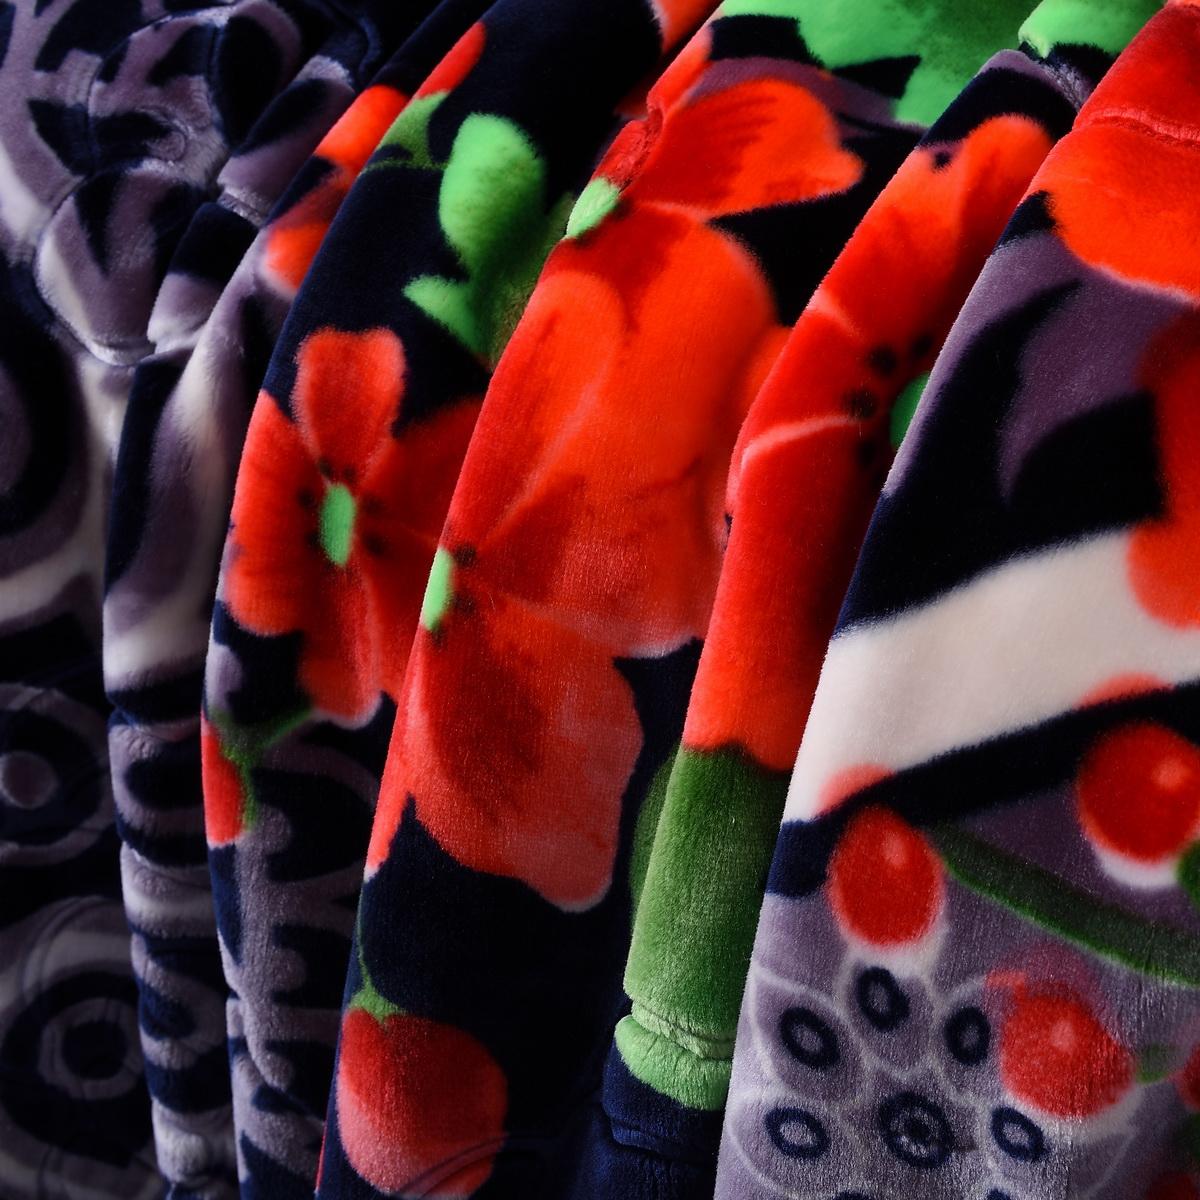 Heavy Thick Plush Velvet Korean Style Mink Blanket Two Ply Reversible Raschel Blanket With One